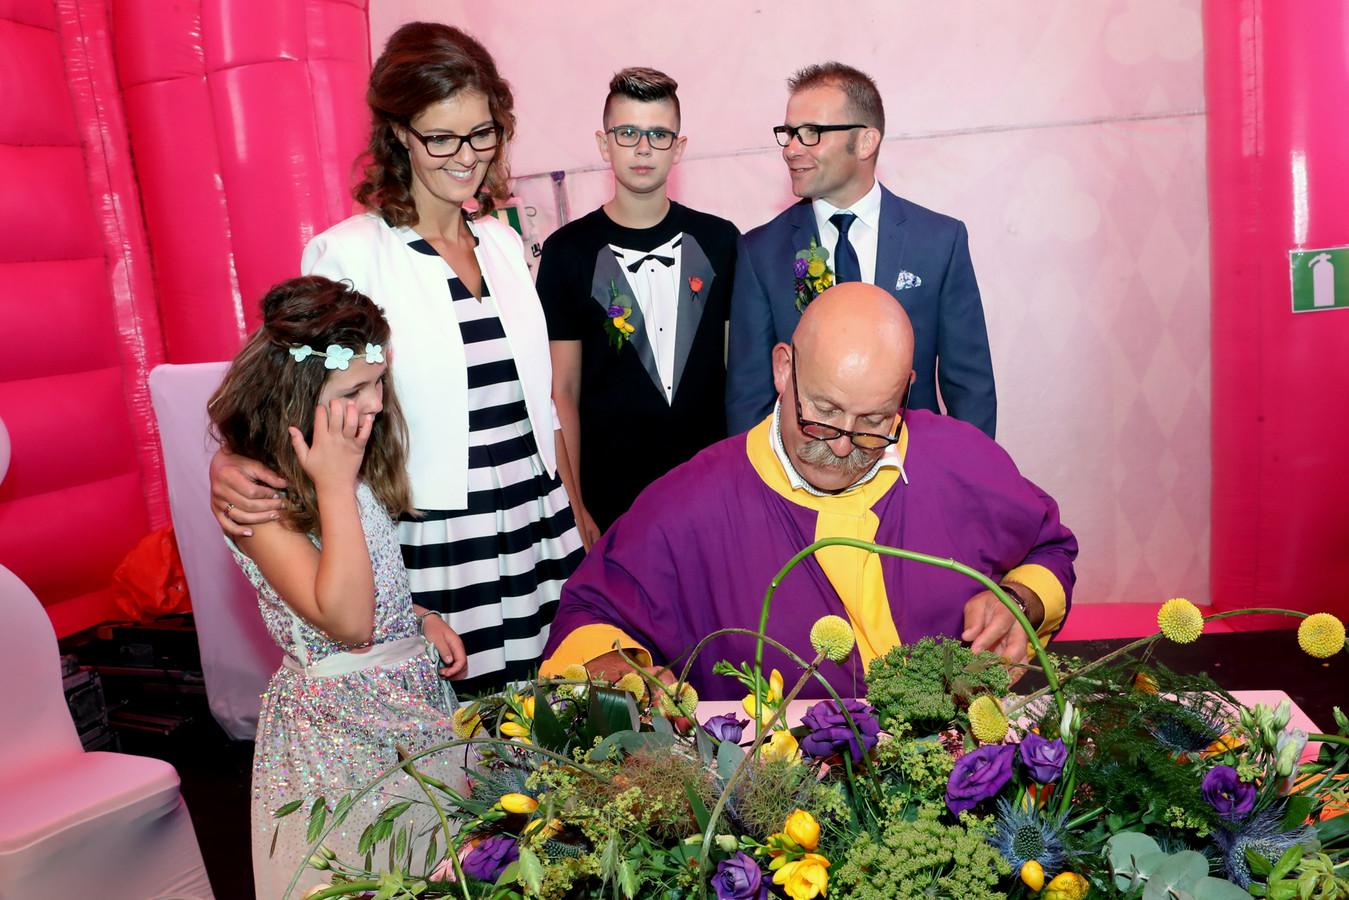 Trouwambtenaar Willy Meulenveld werkte graag mee aan het bijzondere huwelijk.